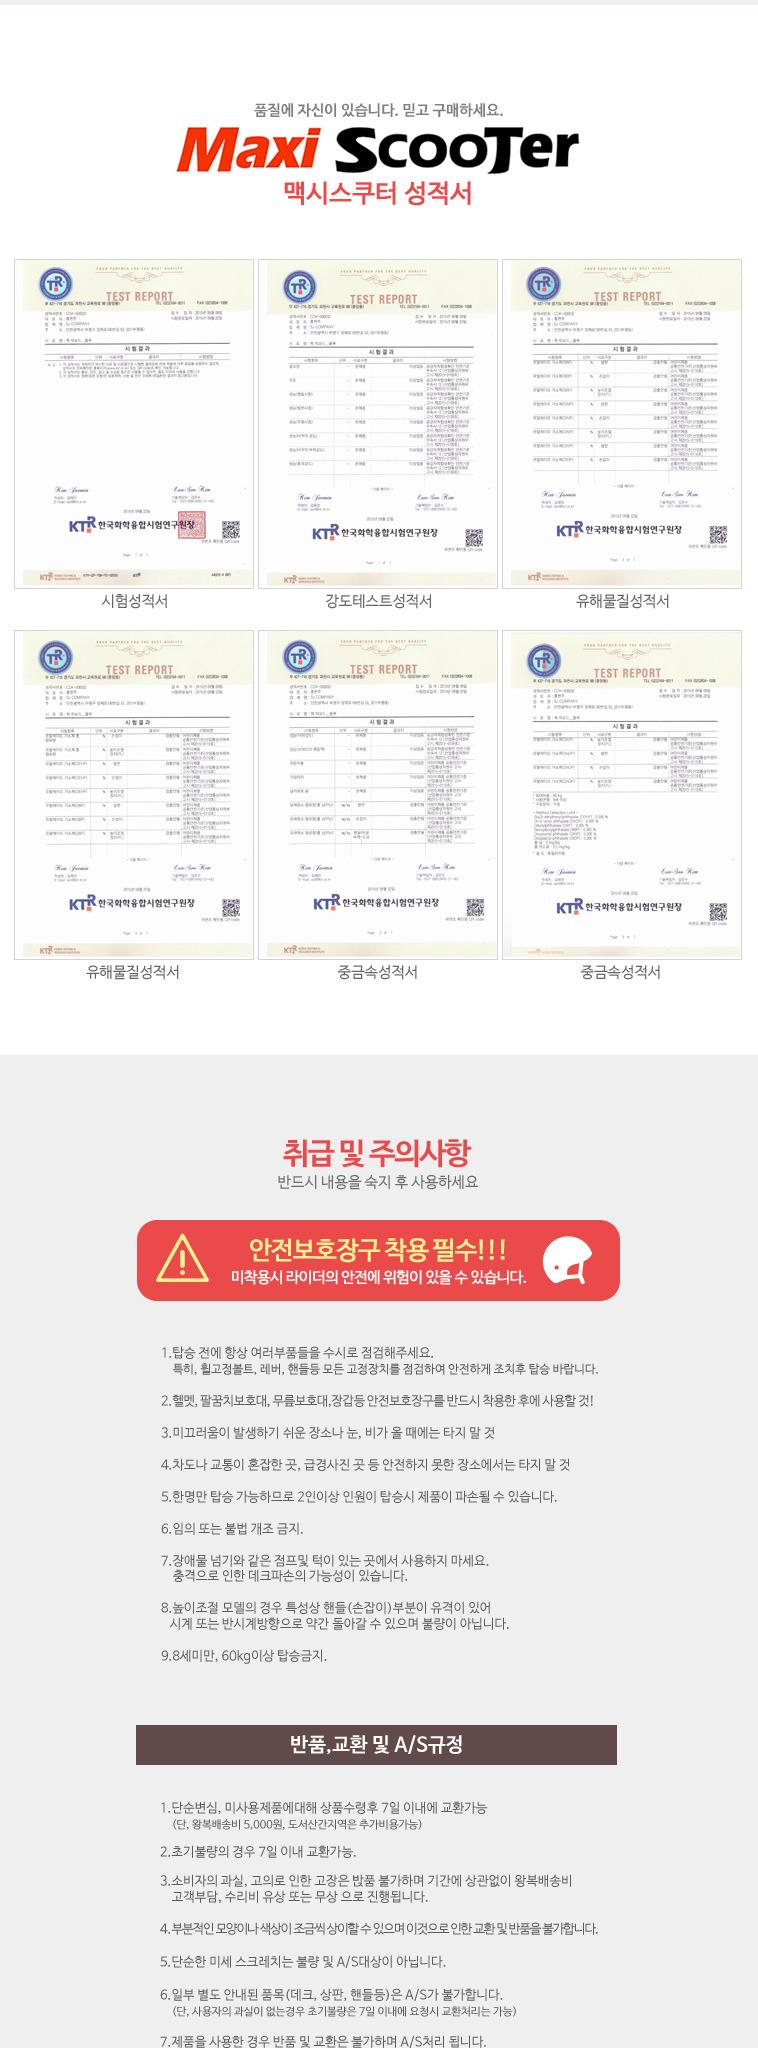 [무료배송] 맥시 접이식 킥보드 득템 - 상세정보